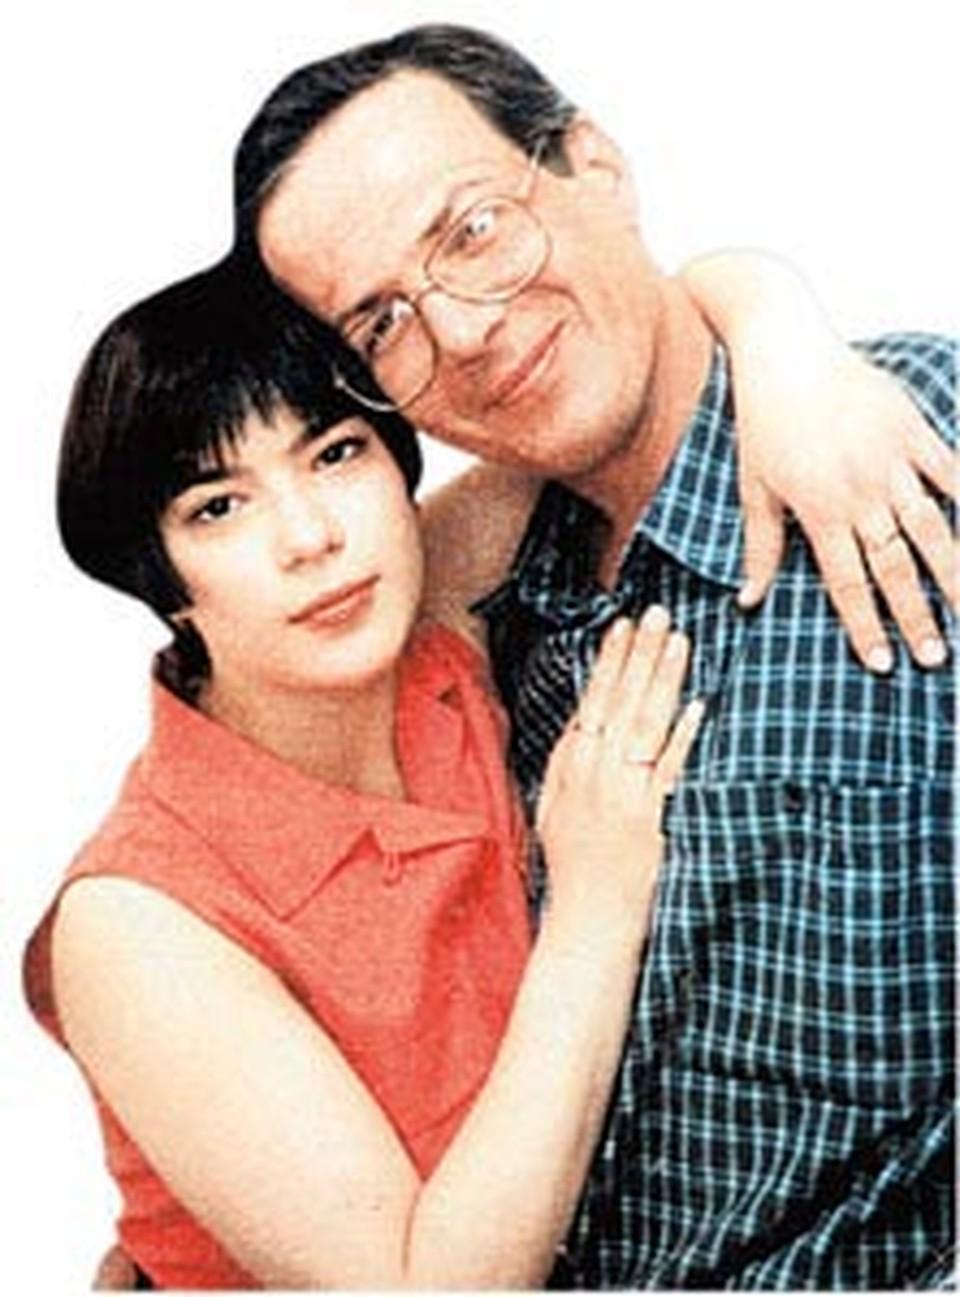 Алексей и Сабина несколько лет создавали образ идеальной пары.